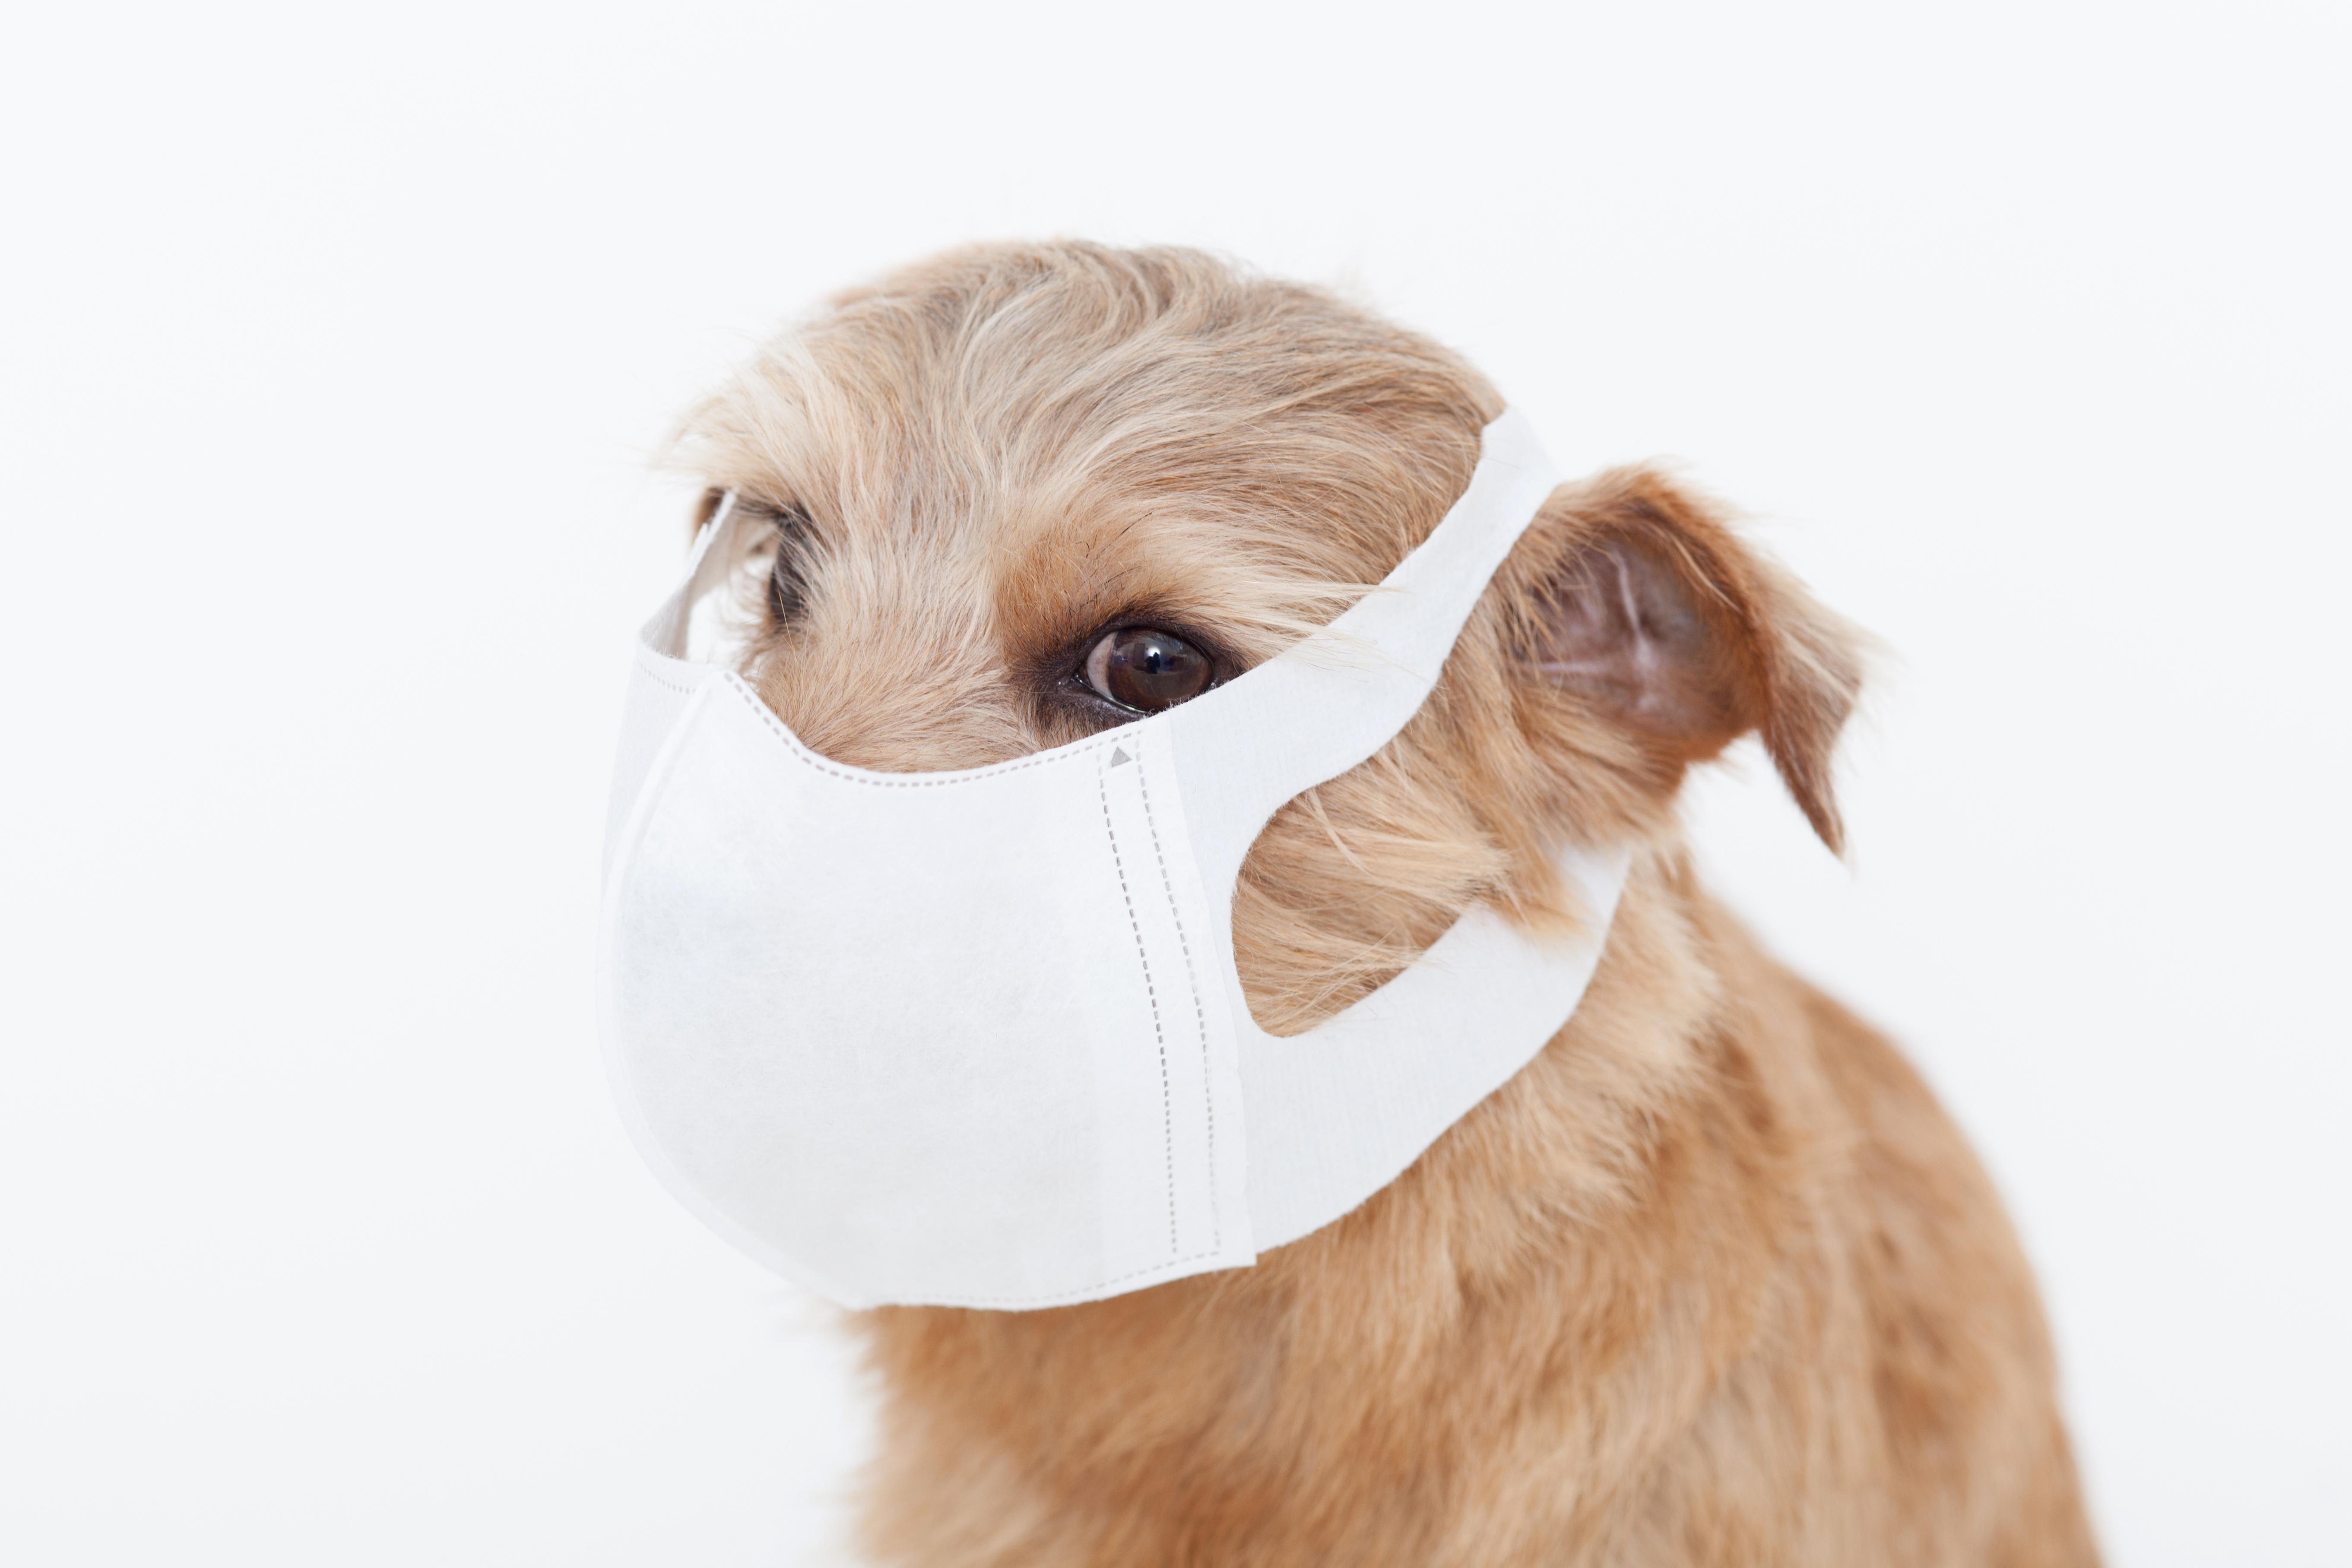 愛犬が花粉症になってしまった!自宅でできる6つの対処方法とは